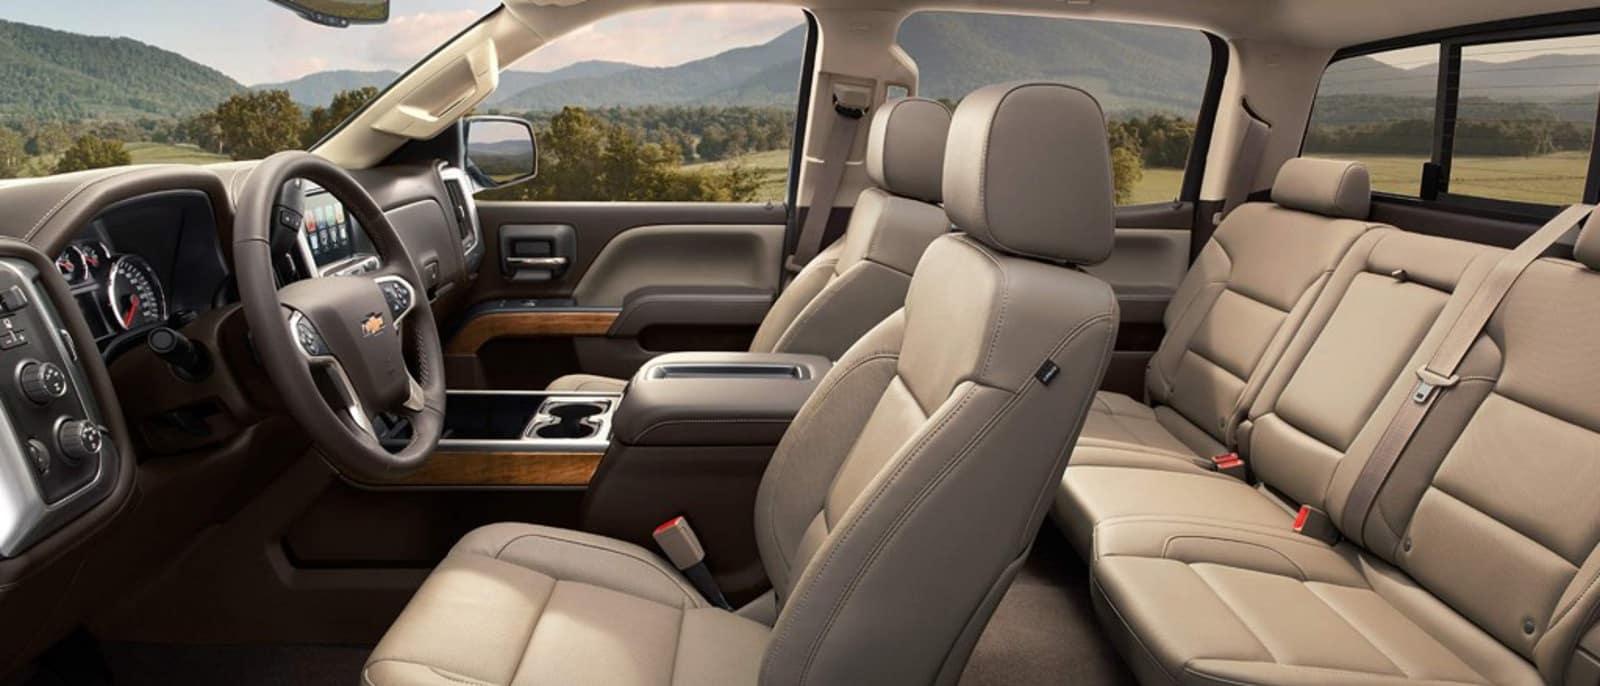 2015 Chevy Silverado HD Interior